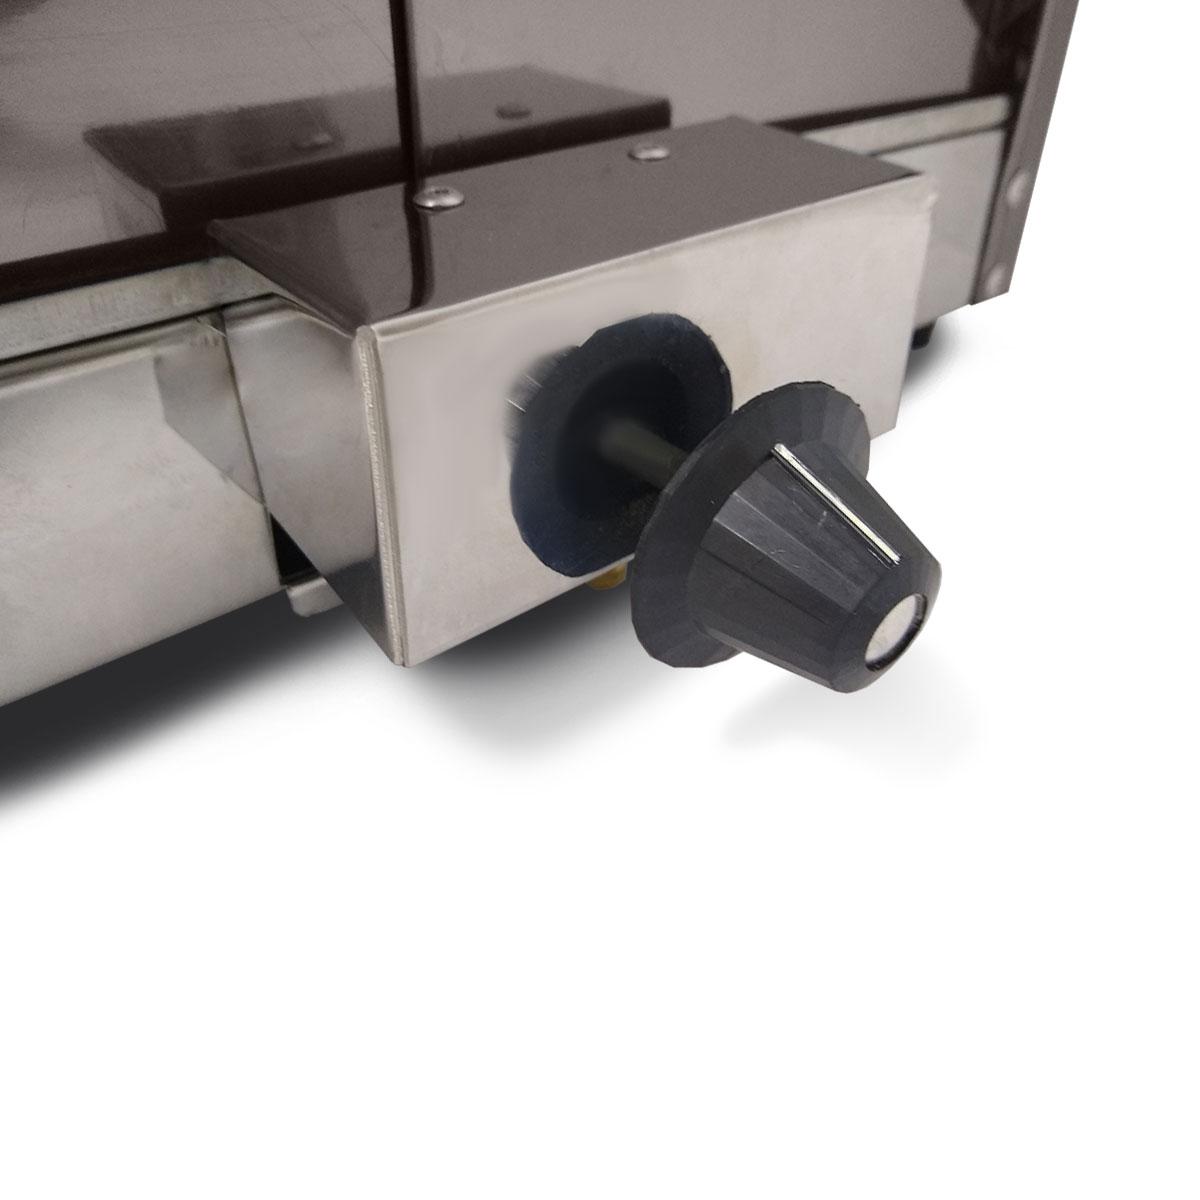 Estufa Para Salgados Dupla 6 Bandejas Aquecedor de Salgados Vidro Curvo Gás - Supritecs Equipamentos  - Carmel Equipamentos